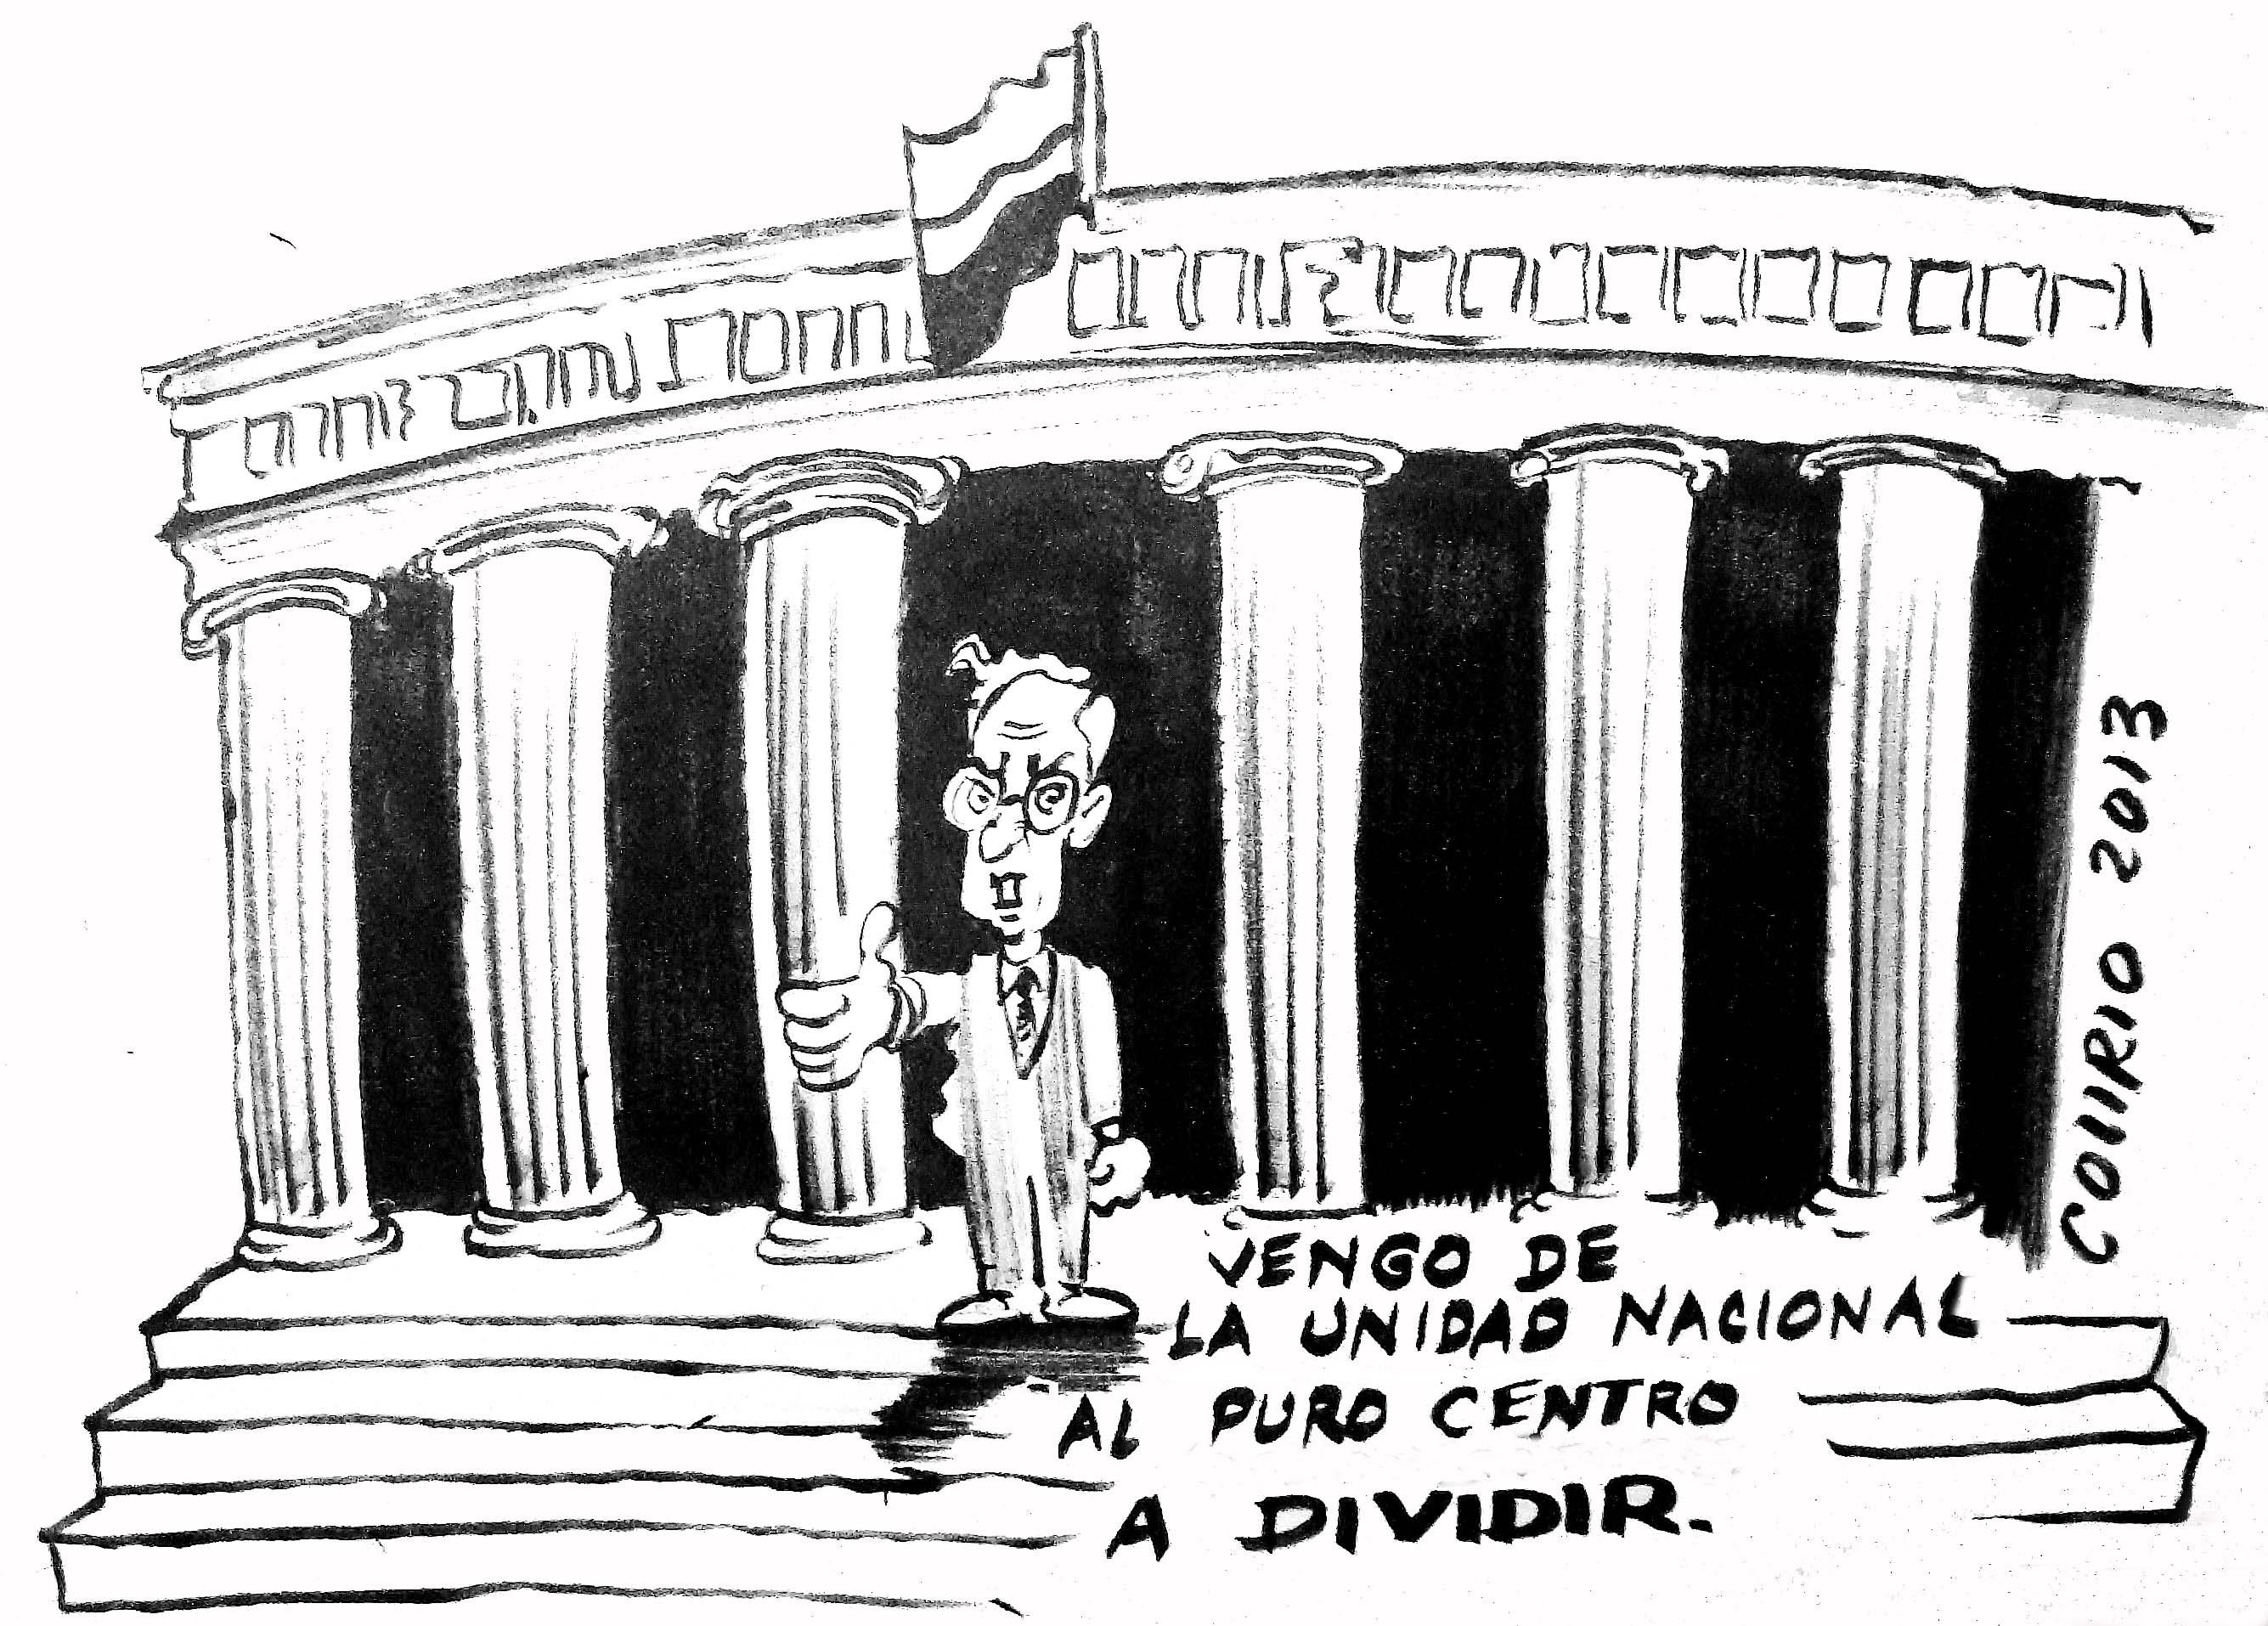 carica viernes 20 de septiembre de 2013